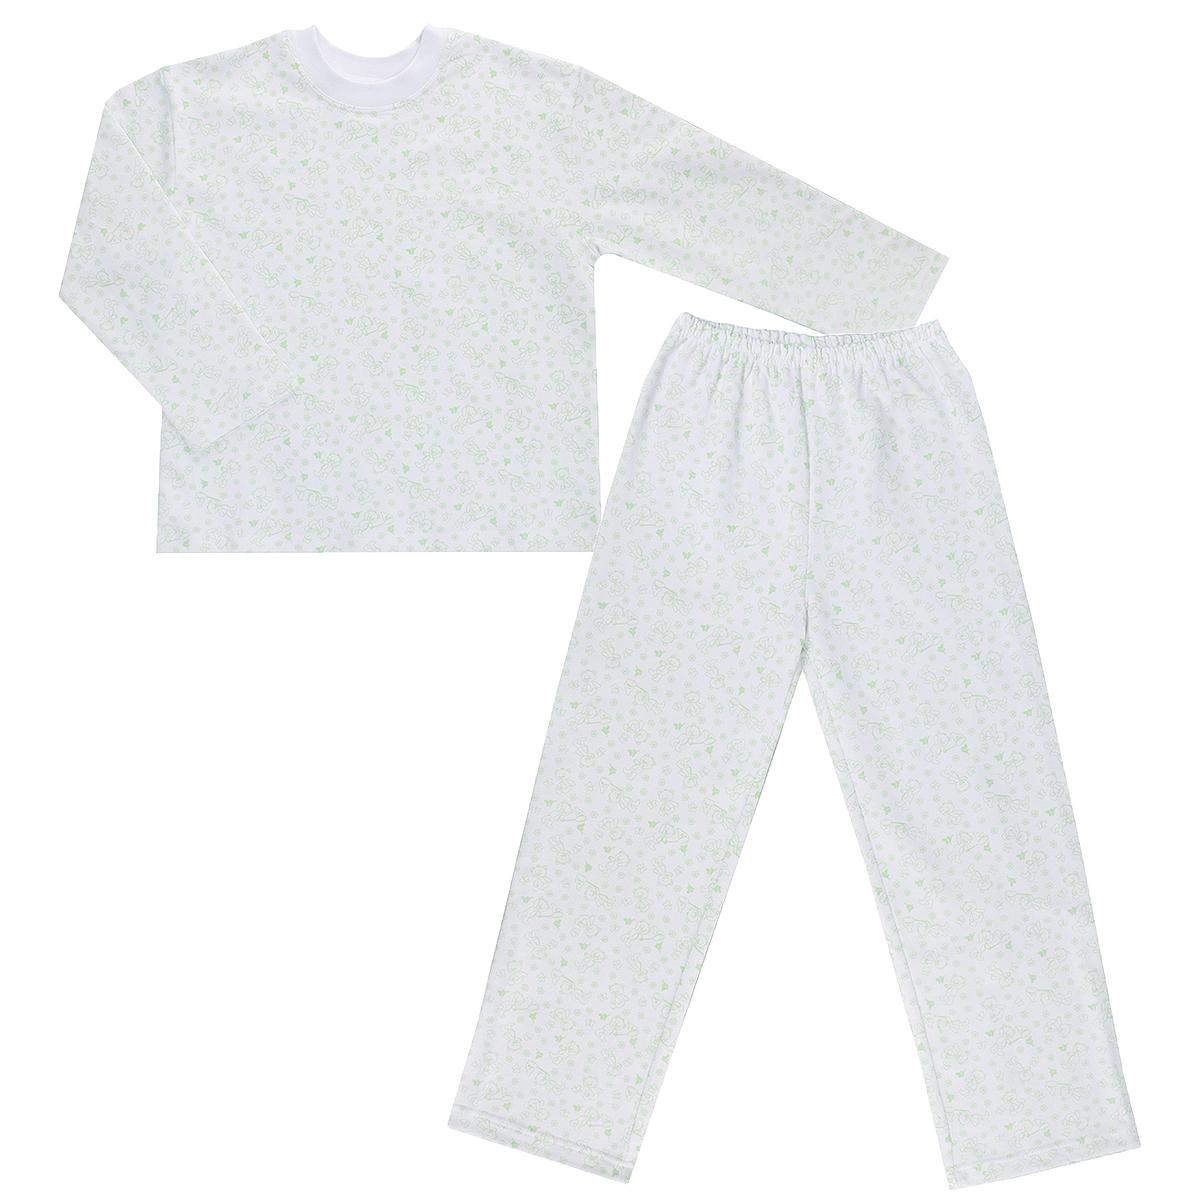 Пижама детская Трон-плюс, цвет: белый, салатовый, рисунок мишки. 5553. Размер 134/140, 9-12 лет5553Яркая детская пижама Трон-плюс, состоящая из кофточки и штанишек, идеально подойдет вашему малышу и станет отличным дополнением к детскому гардеробу. Теплая пижама, изготовленная из набивного футера - натурального хлопка, необычайно мягкая и легкая, не сковывает движения ребенка, позволяет коже дышать и не раздражает даже самую нежную и чувствительную кожу малыша. Кофта с длинными рукавами имеет круглый вырез горловины. Штанишки на удобной резинке не сдавливают животик ребенка и не сползают.В такой пижаме ваш ребенок будет чувствовать себя комфортно и уютно во время сна.